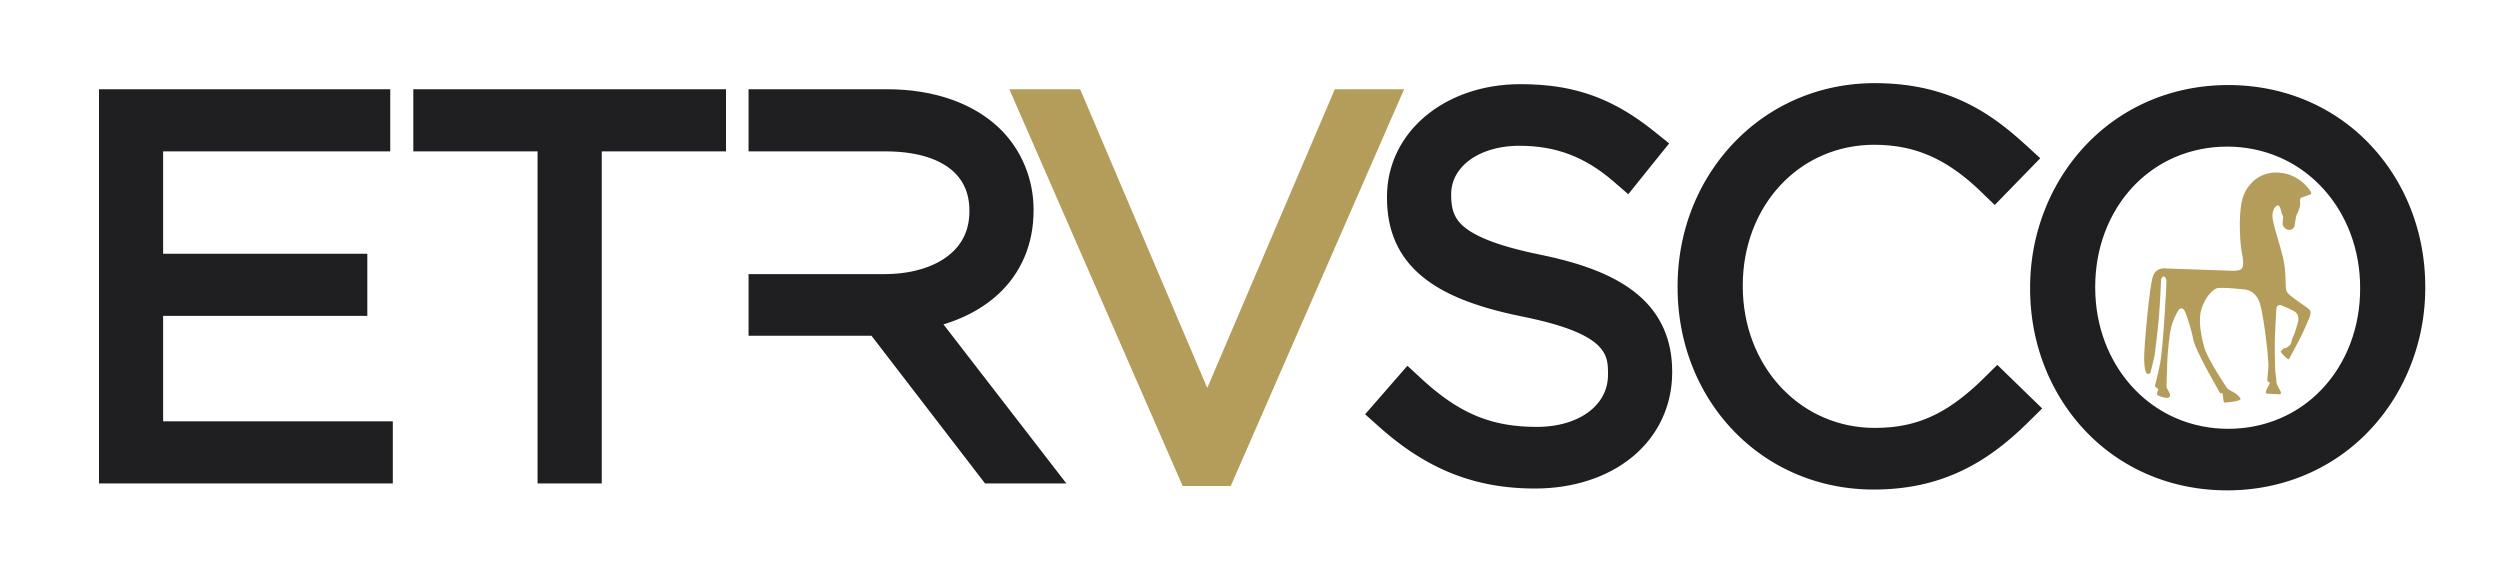 Etrusco_logo